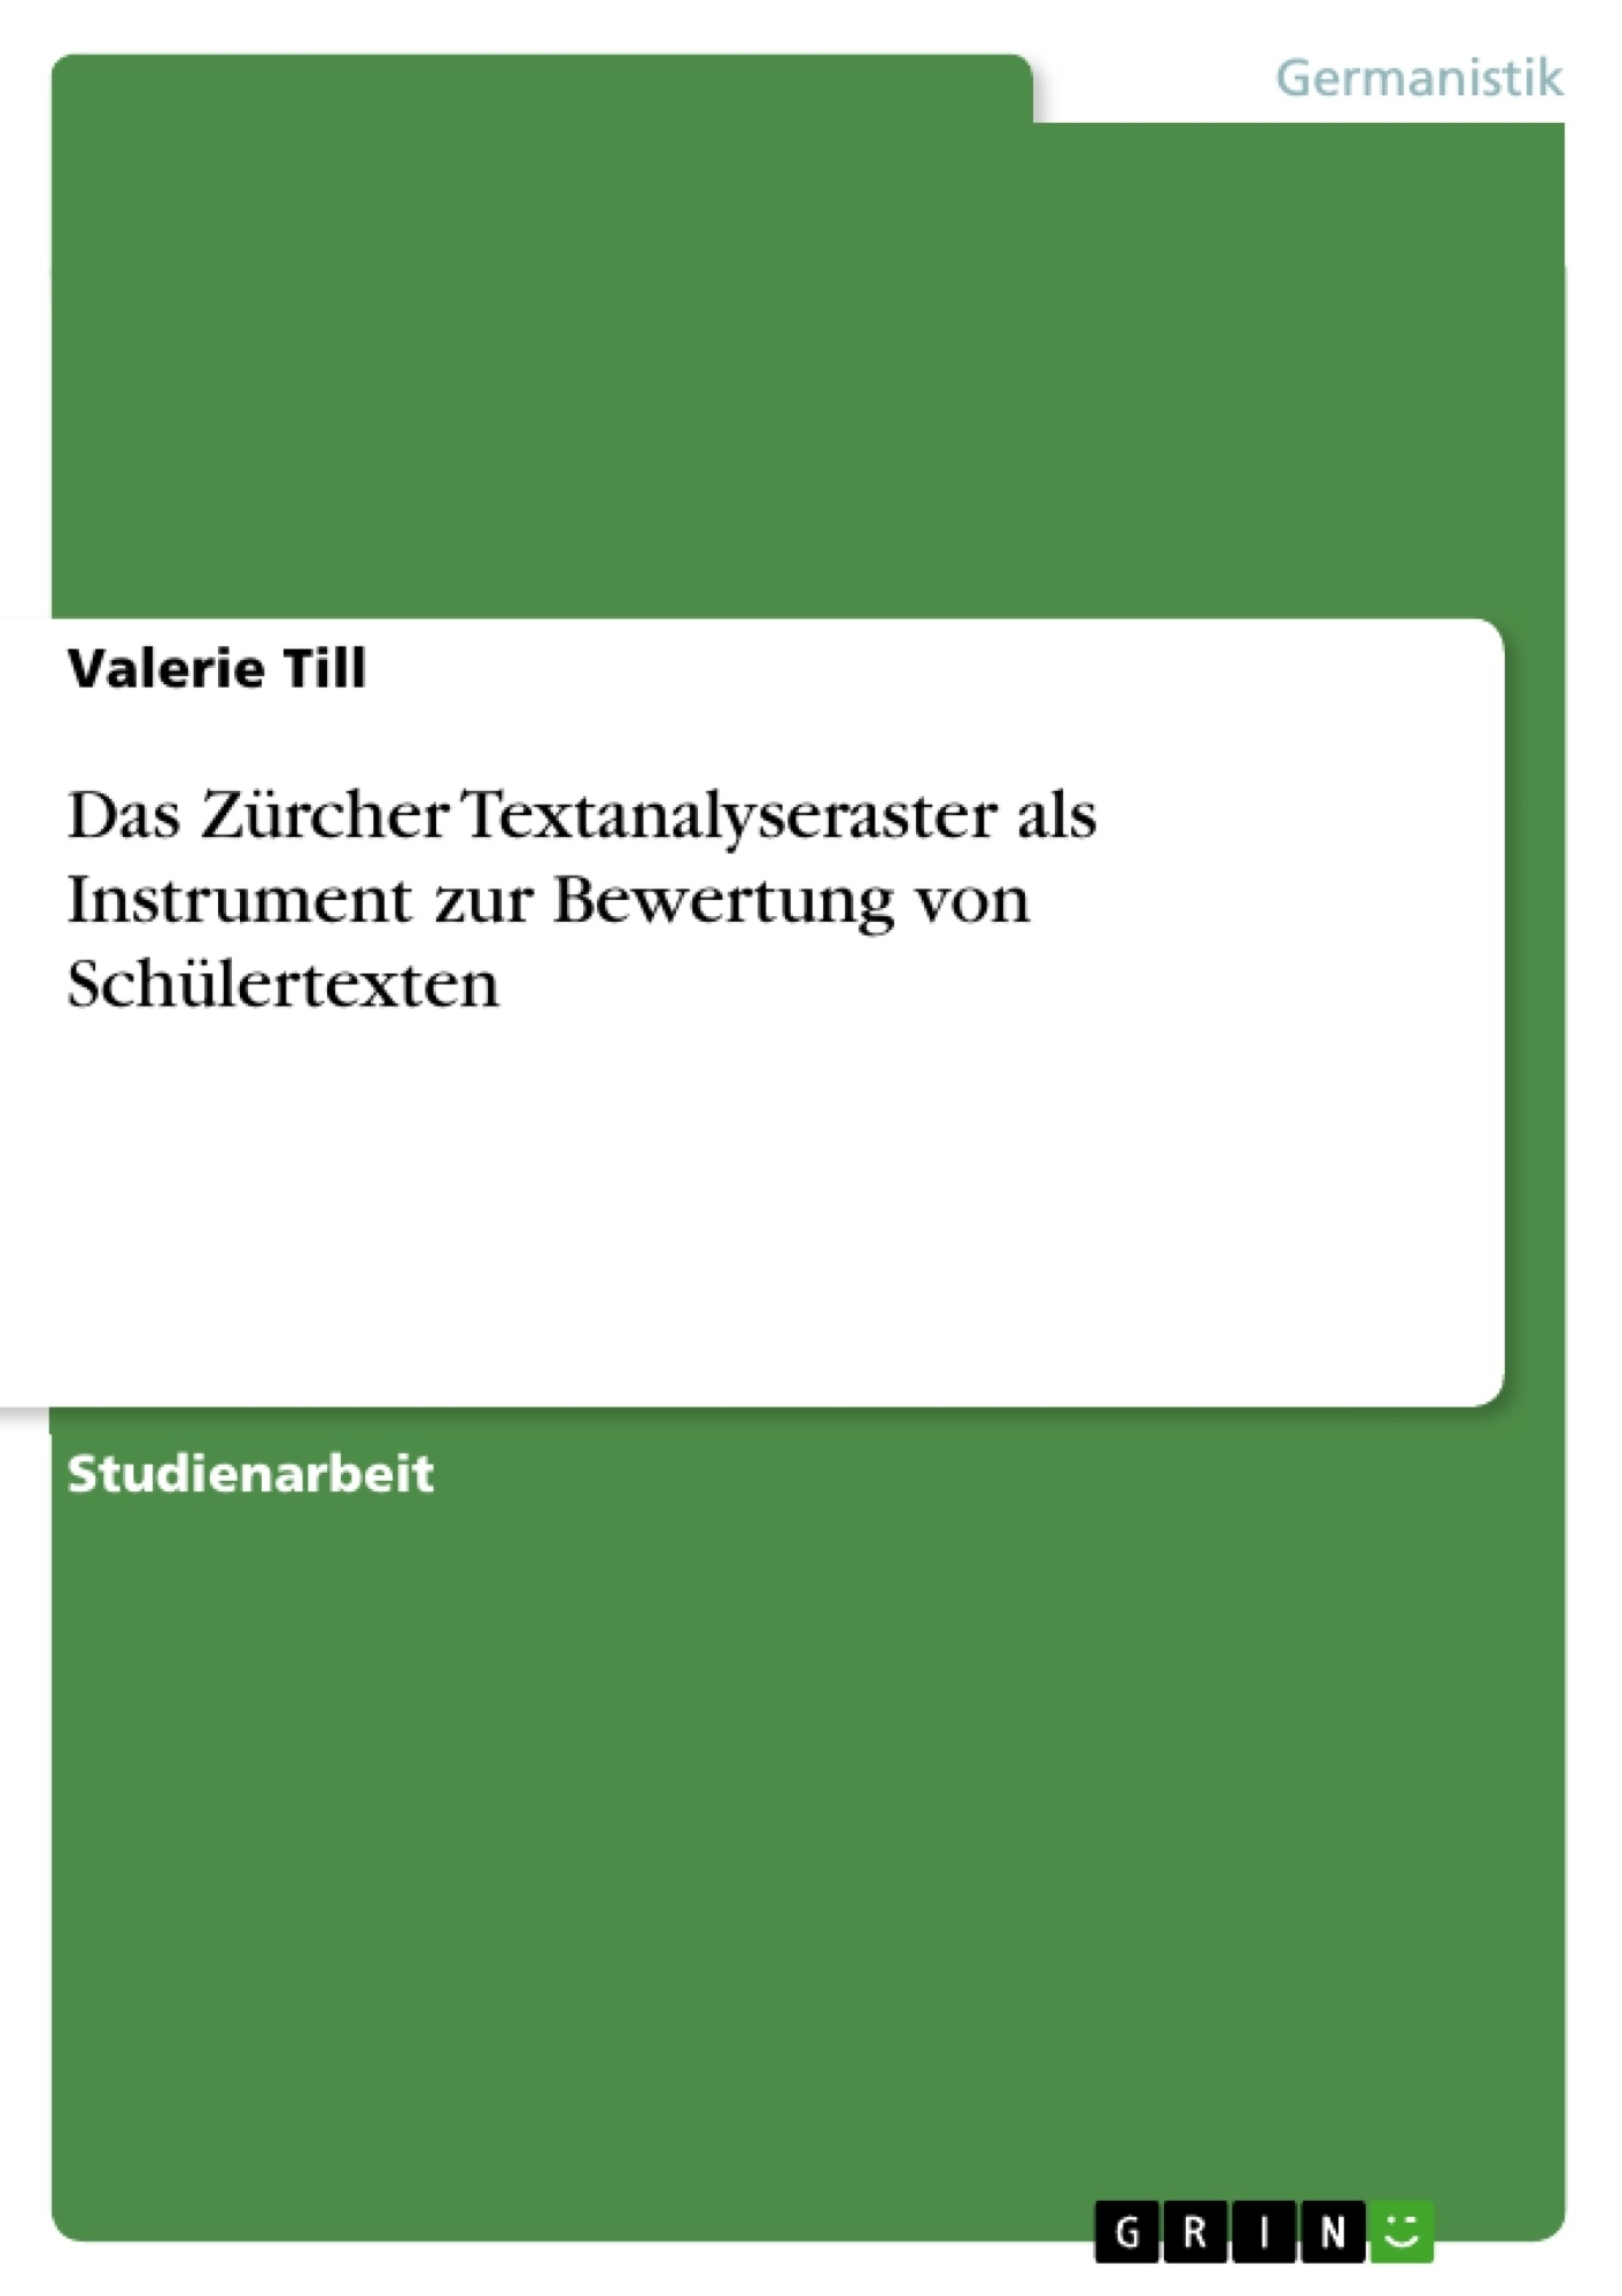 Titel: Das Zürcher Textanalyseraster als Instrument zur Bewertung von Schülertexten